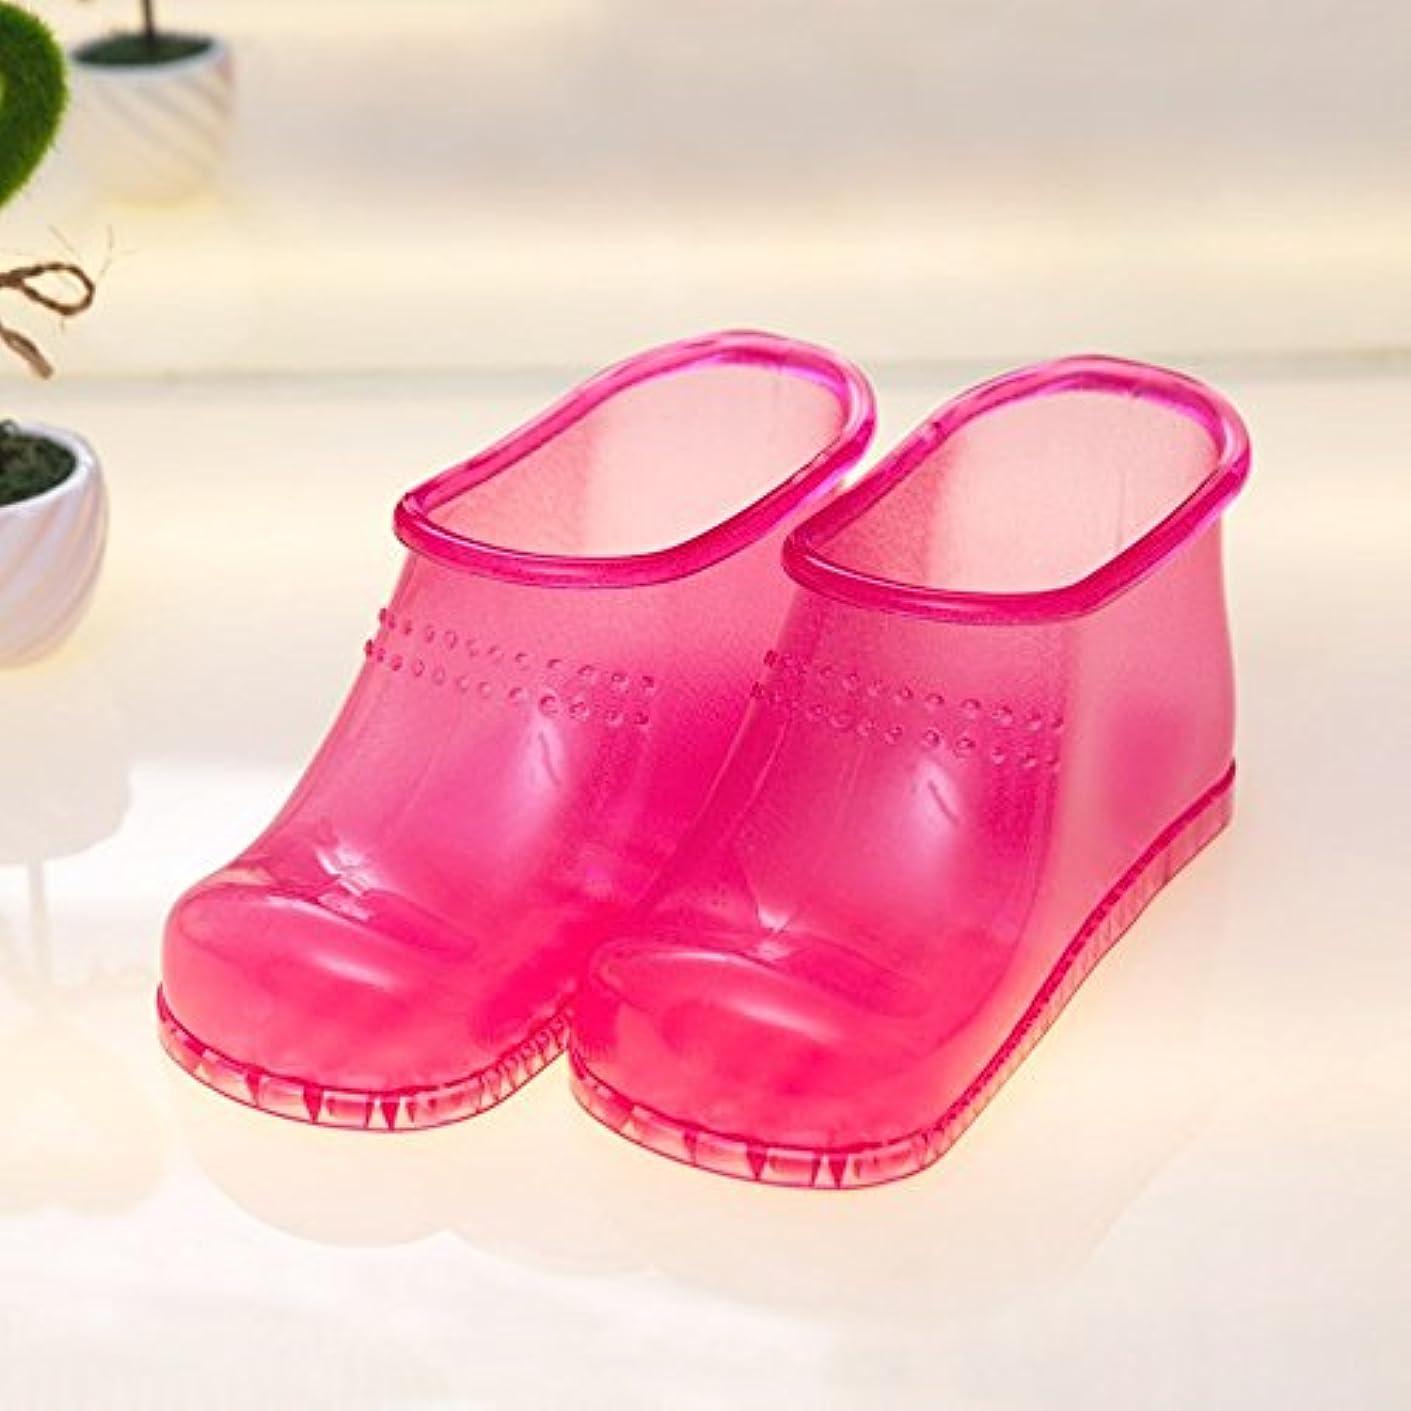 甘いアヒル植物学者快適 フットウェア男性の家庭のバスルームの足のバスの靴ホームフットバスのマッサージスリッパ女性の夏のクリエイティブスリッパ(2色オプション)(サイズはオプション) 増加した (色 : B, サイズ さいず : 45 yards or less)